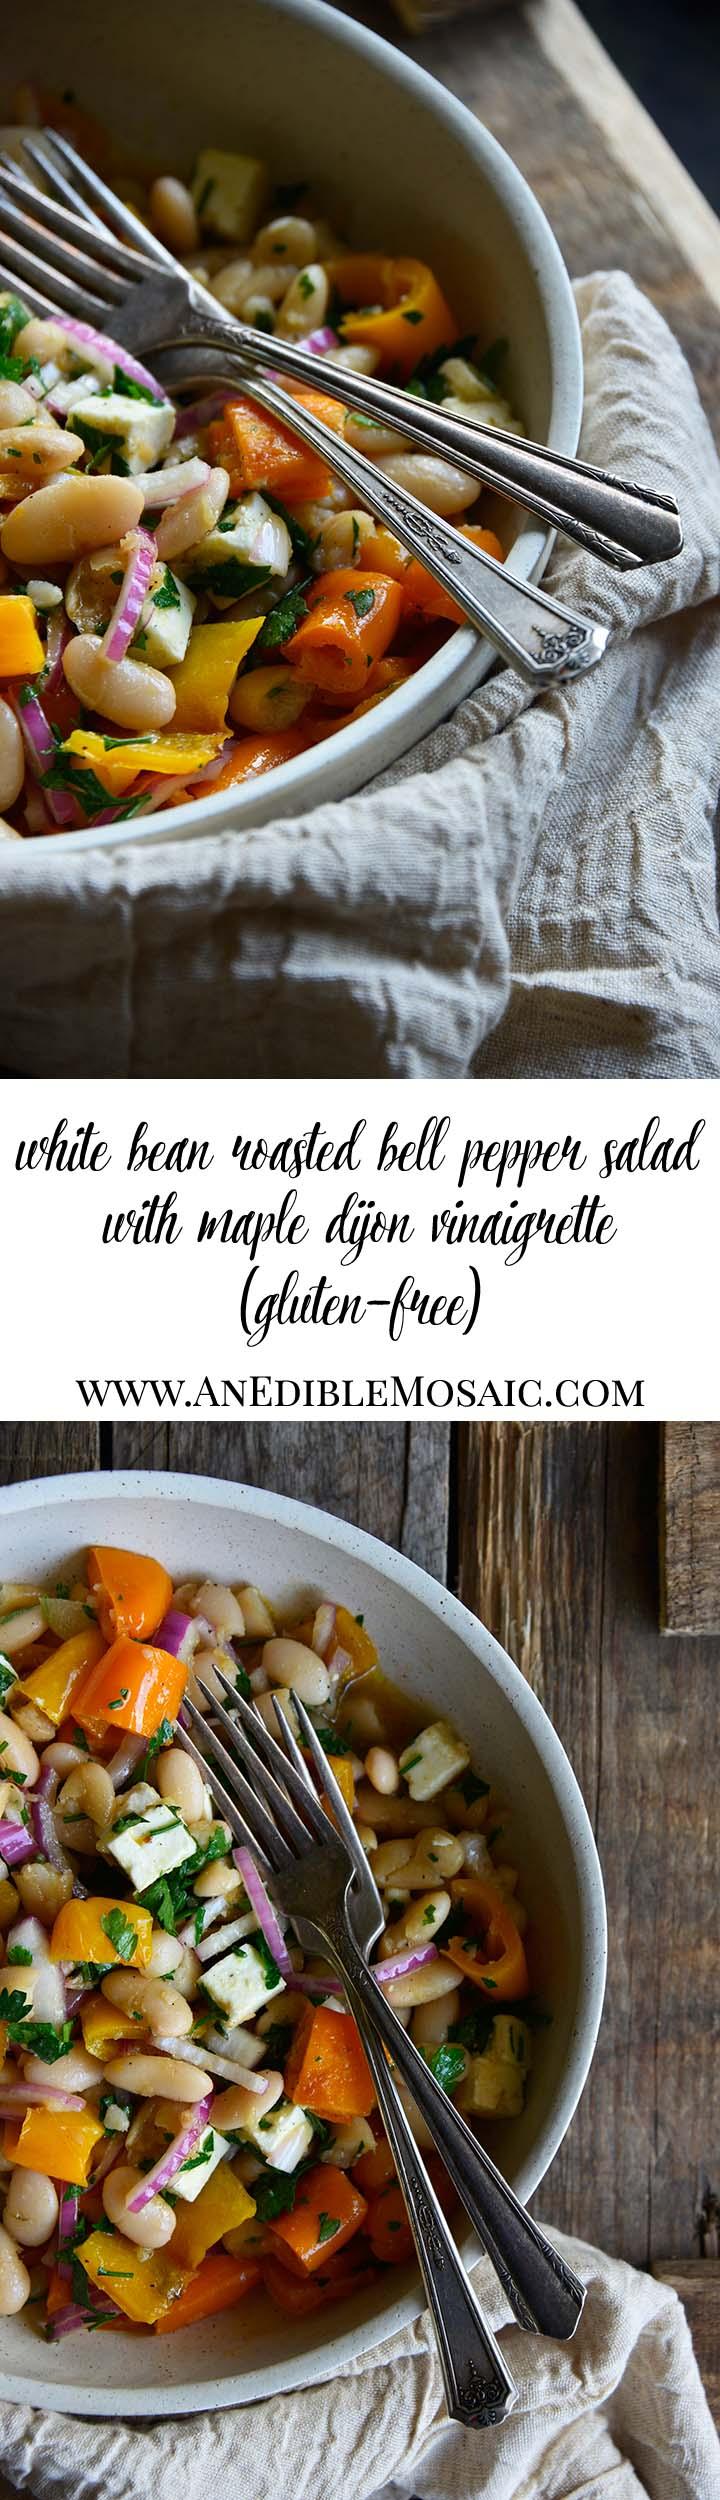 White Bean Roasted Bell Pepper Salad with Maple Dijon Vinaigrette Long Pin